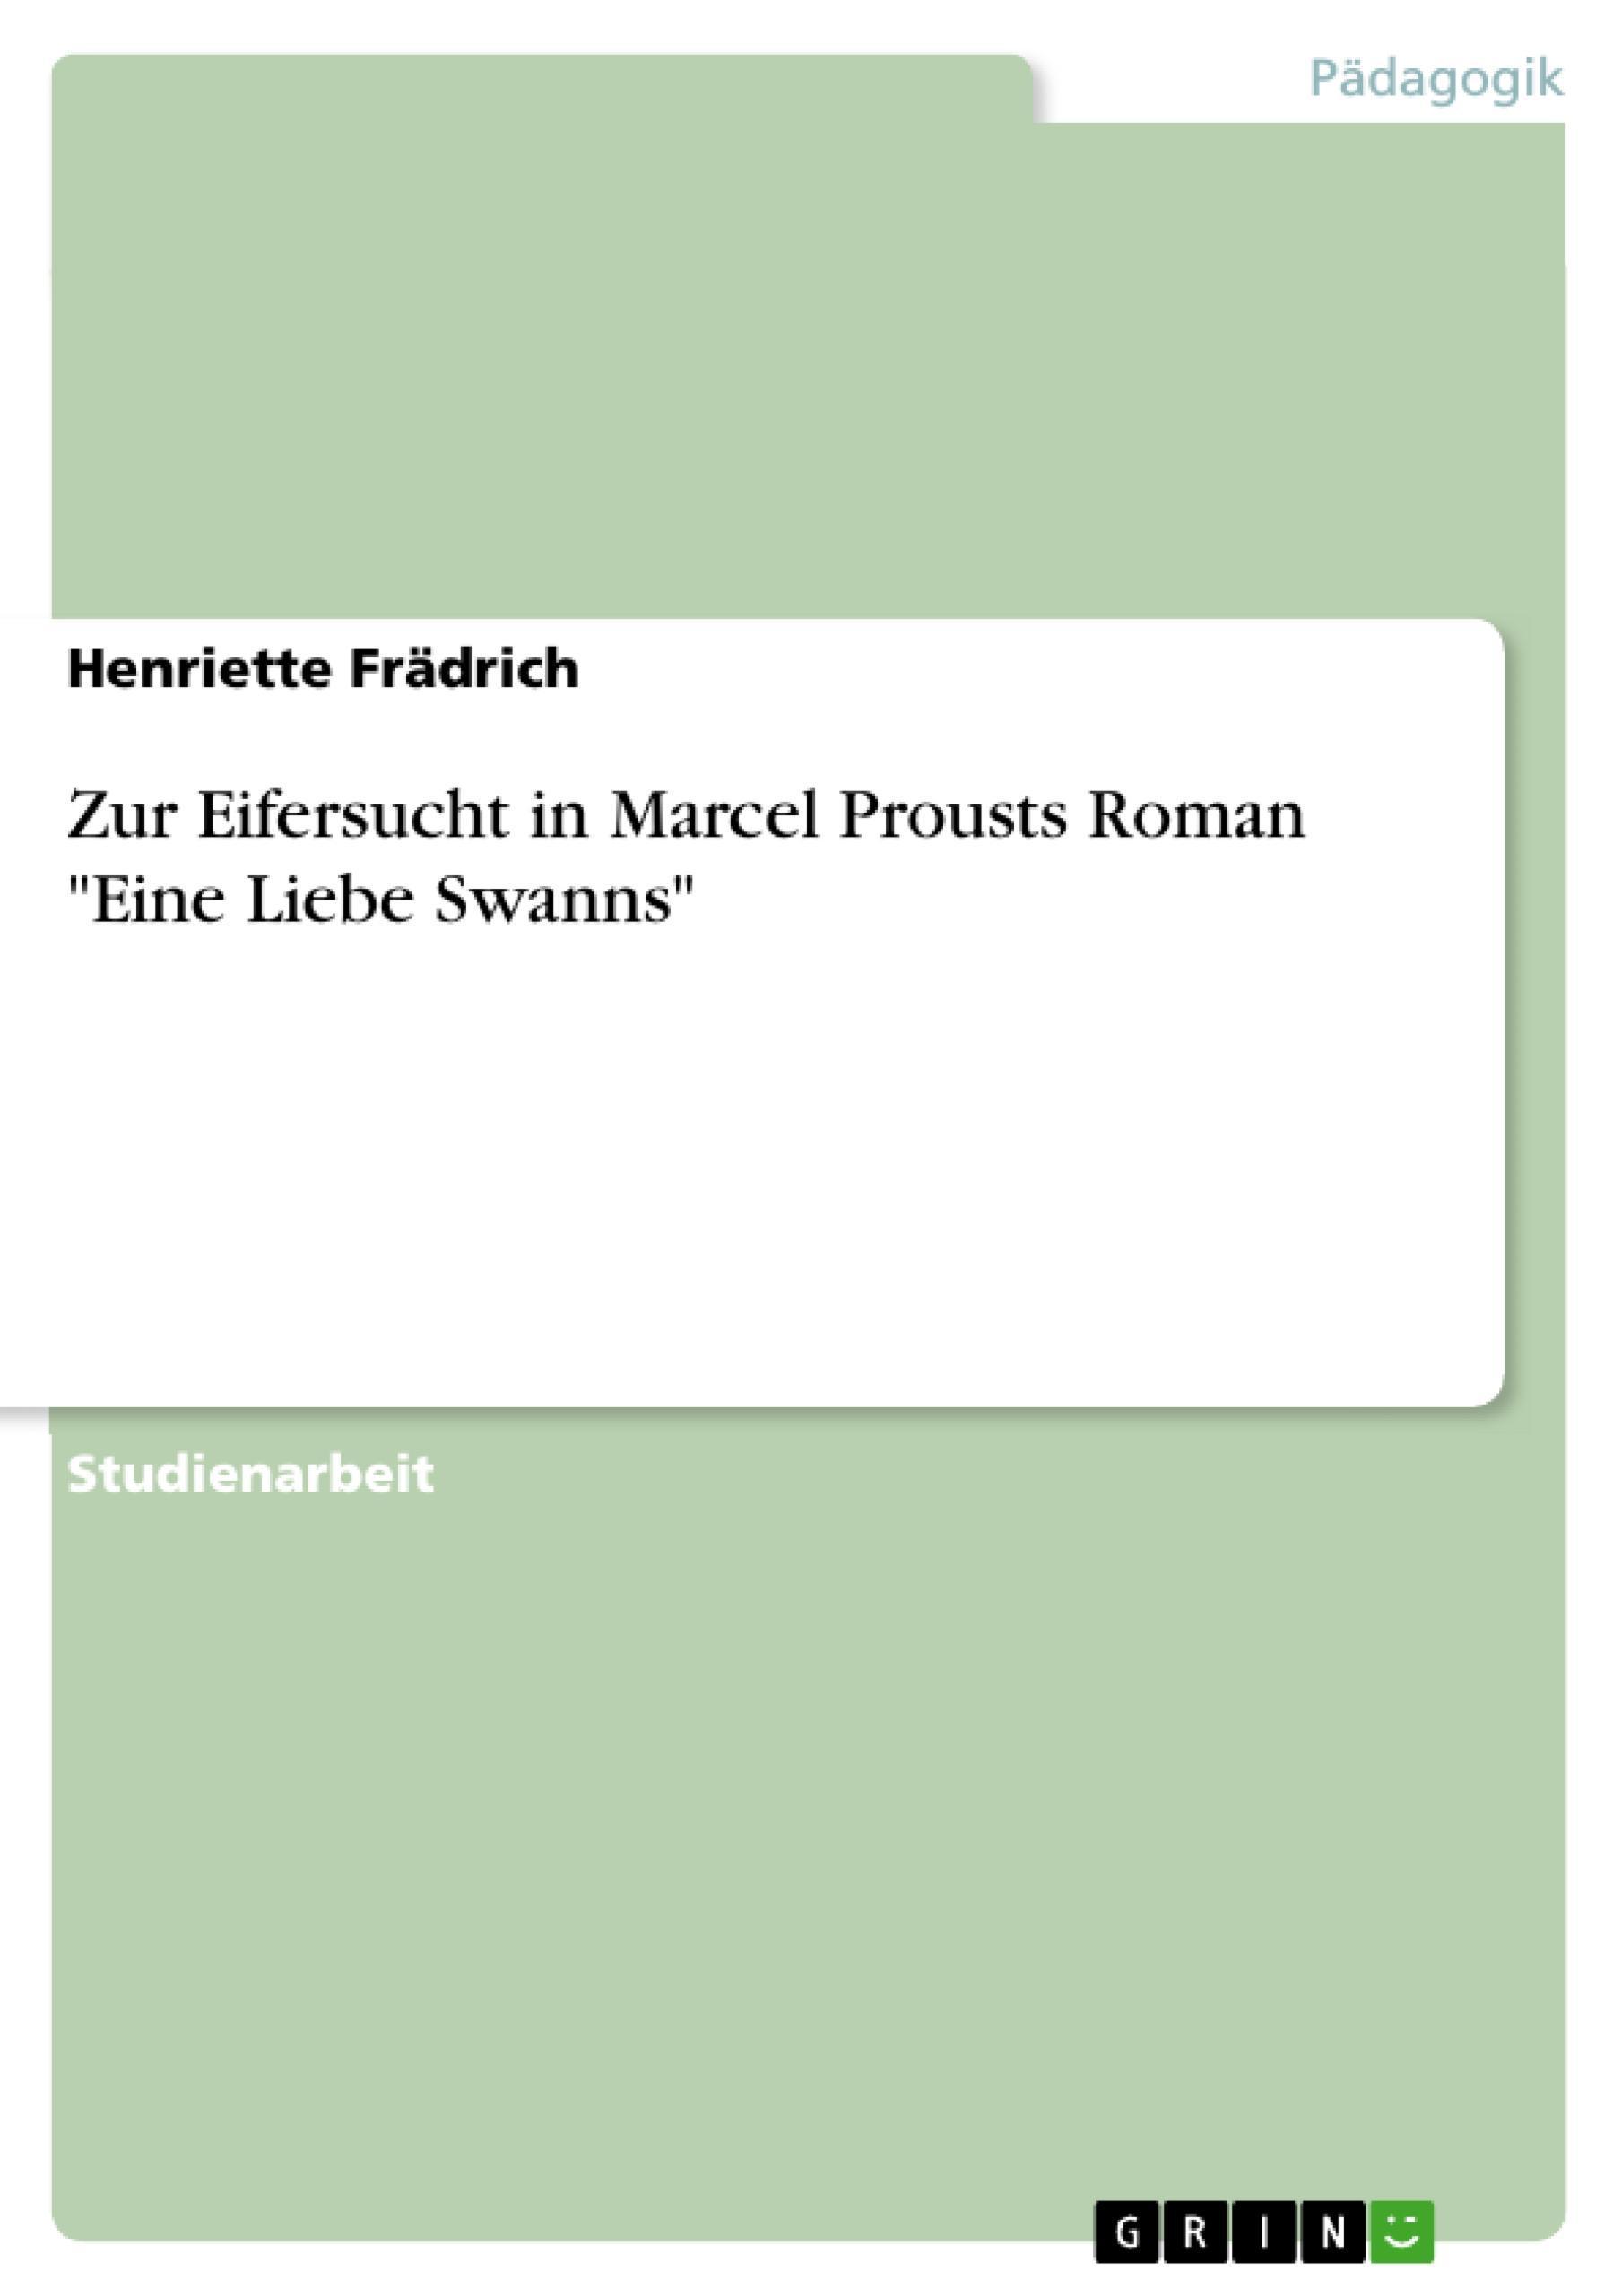 """Zur Eifersucht in Marcel Prousts Roman """"""""Eine Liebe Swanns"""""""" Henriette Fräd ..."""